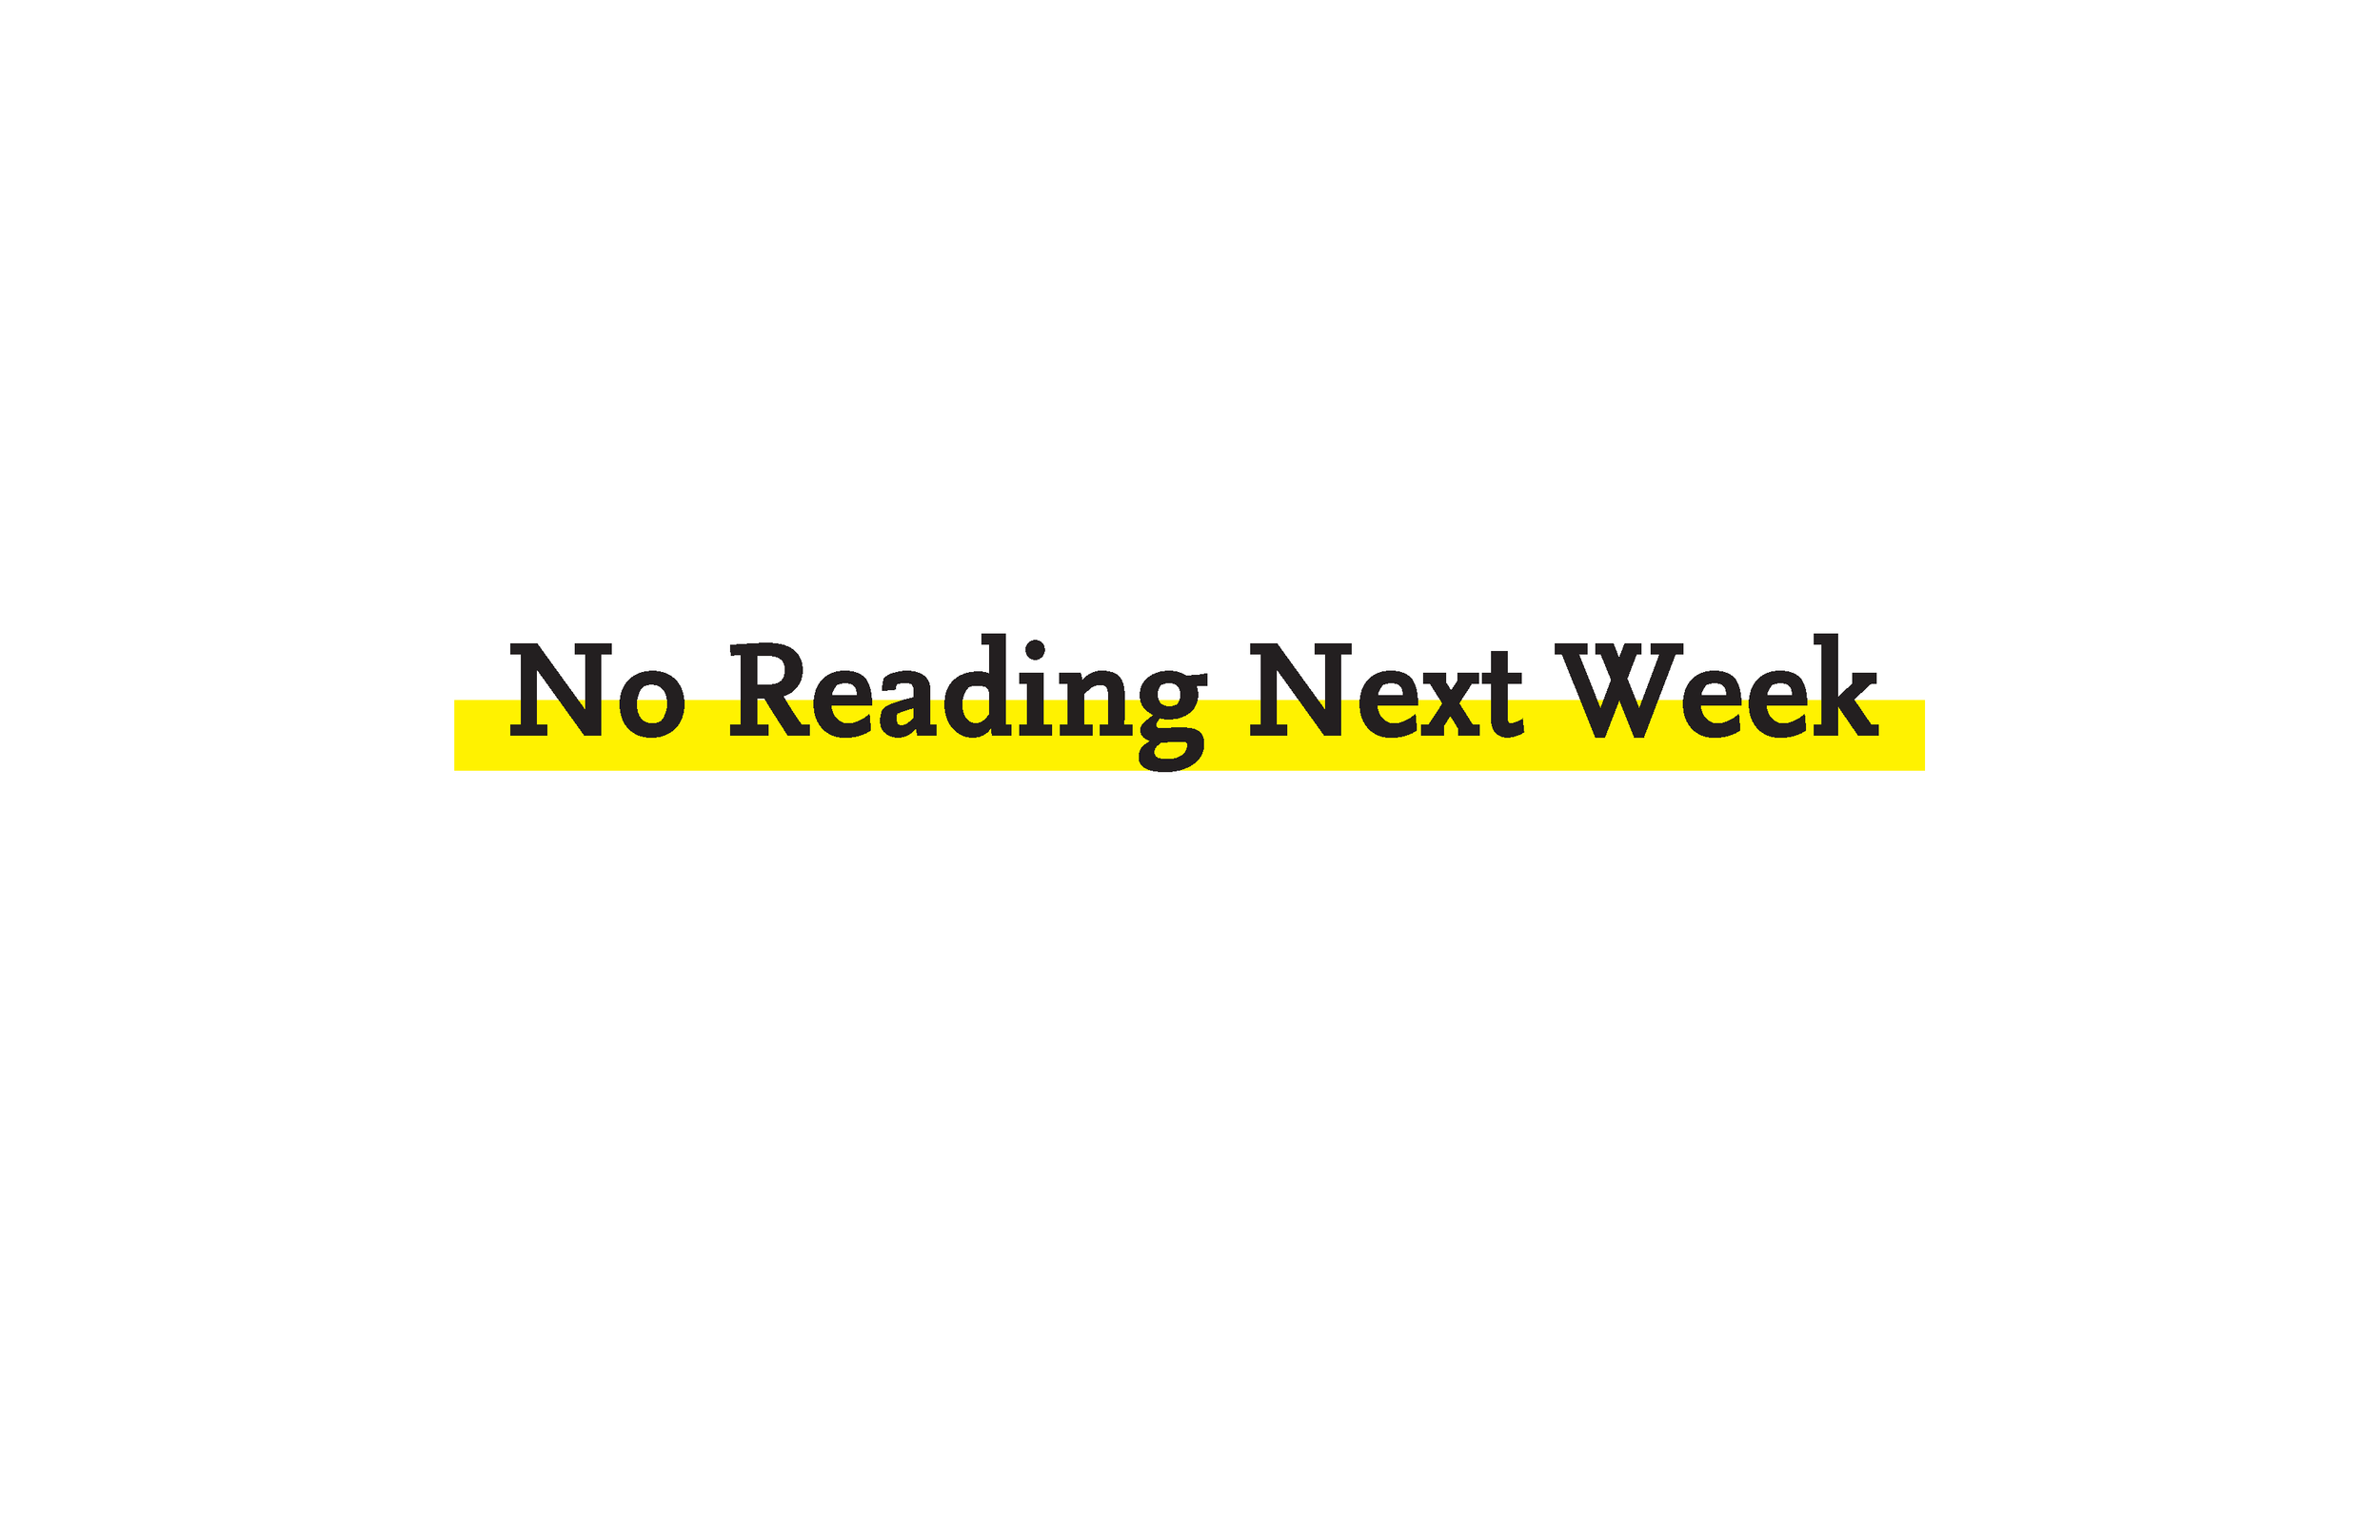 PEM_S19_Week_6_2_Page_40.png